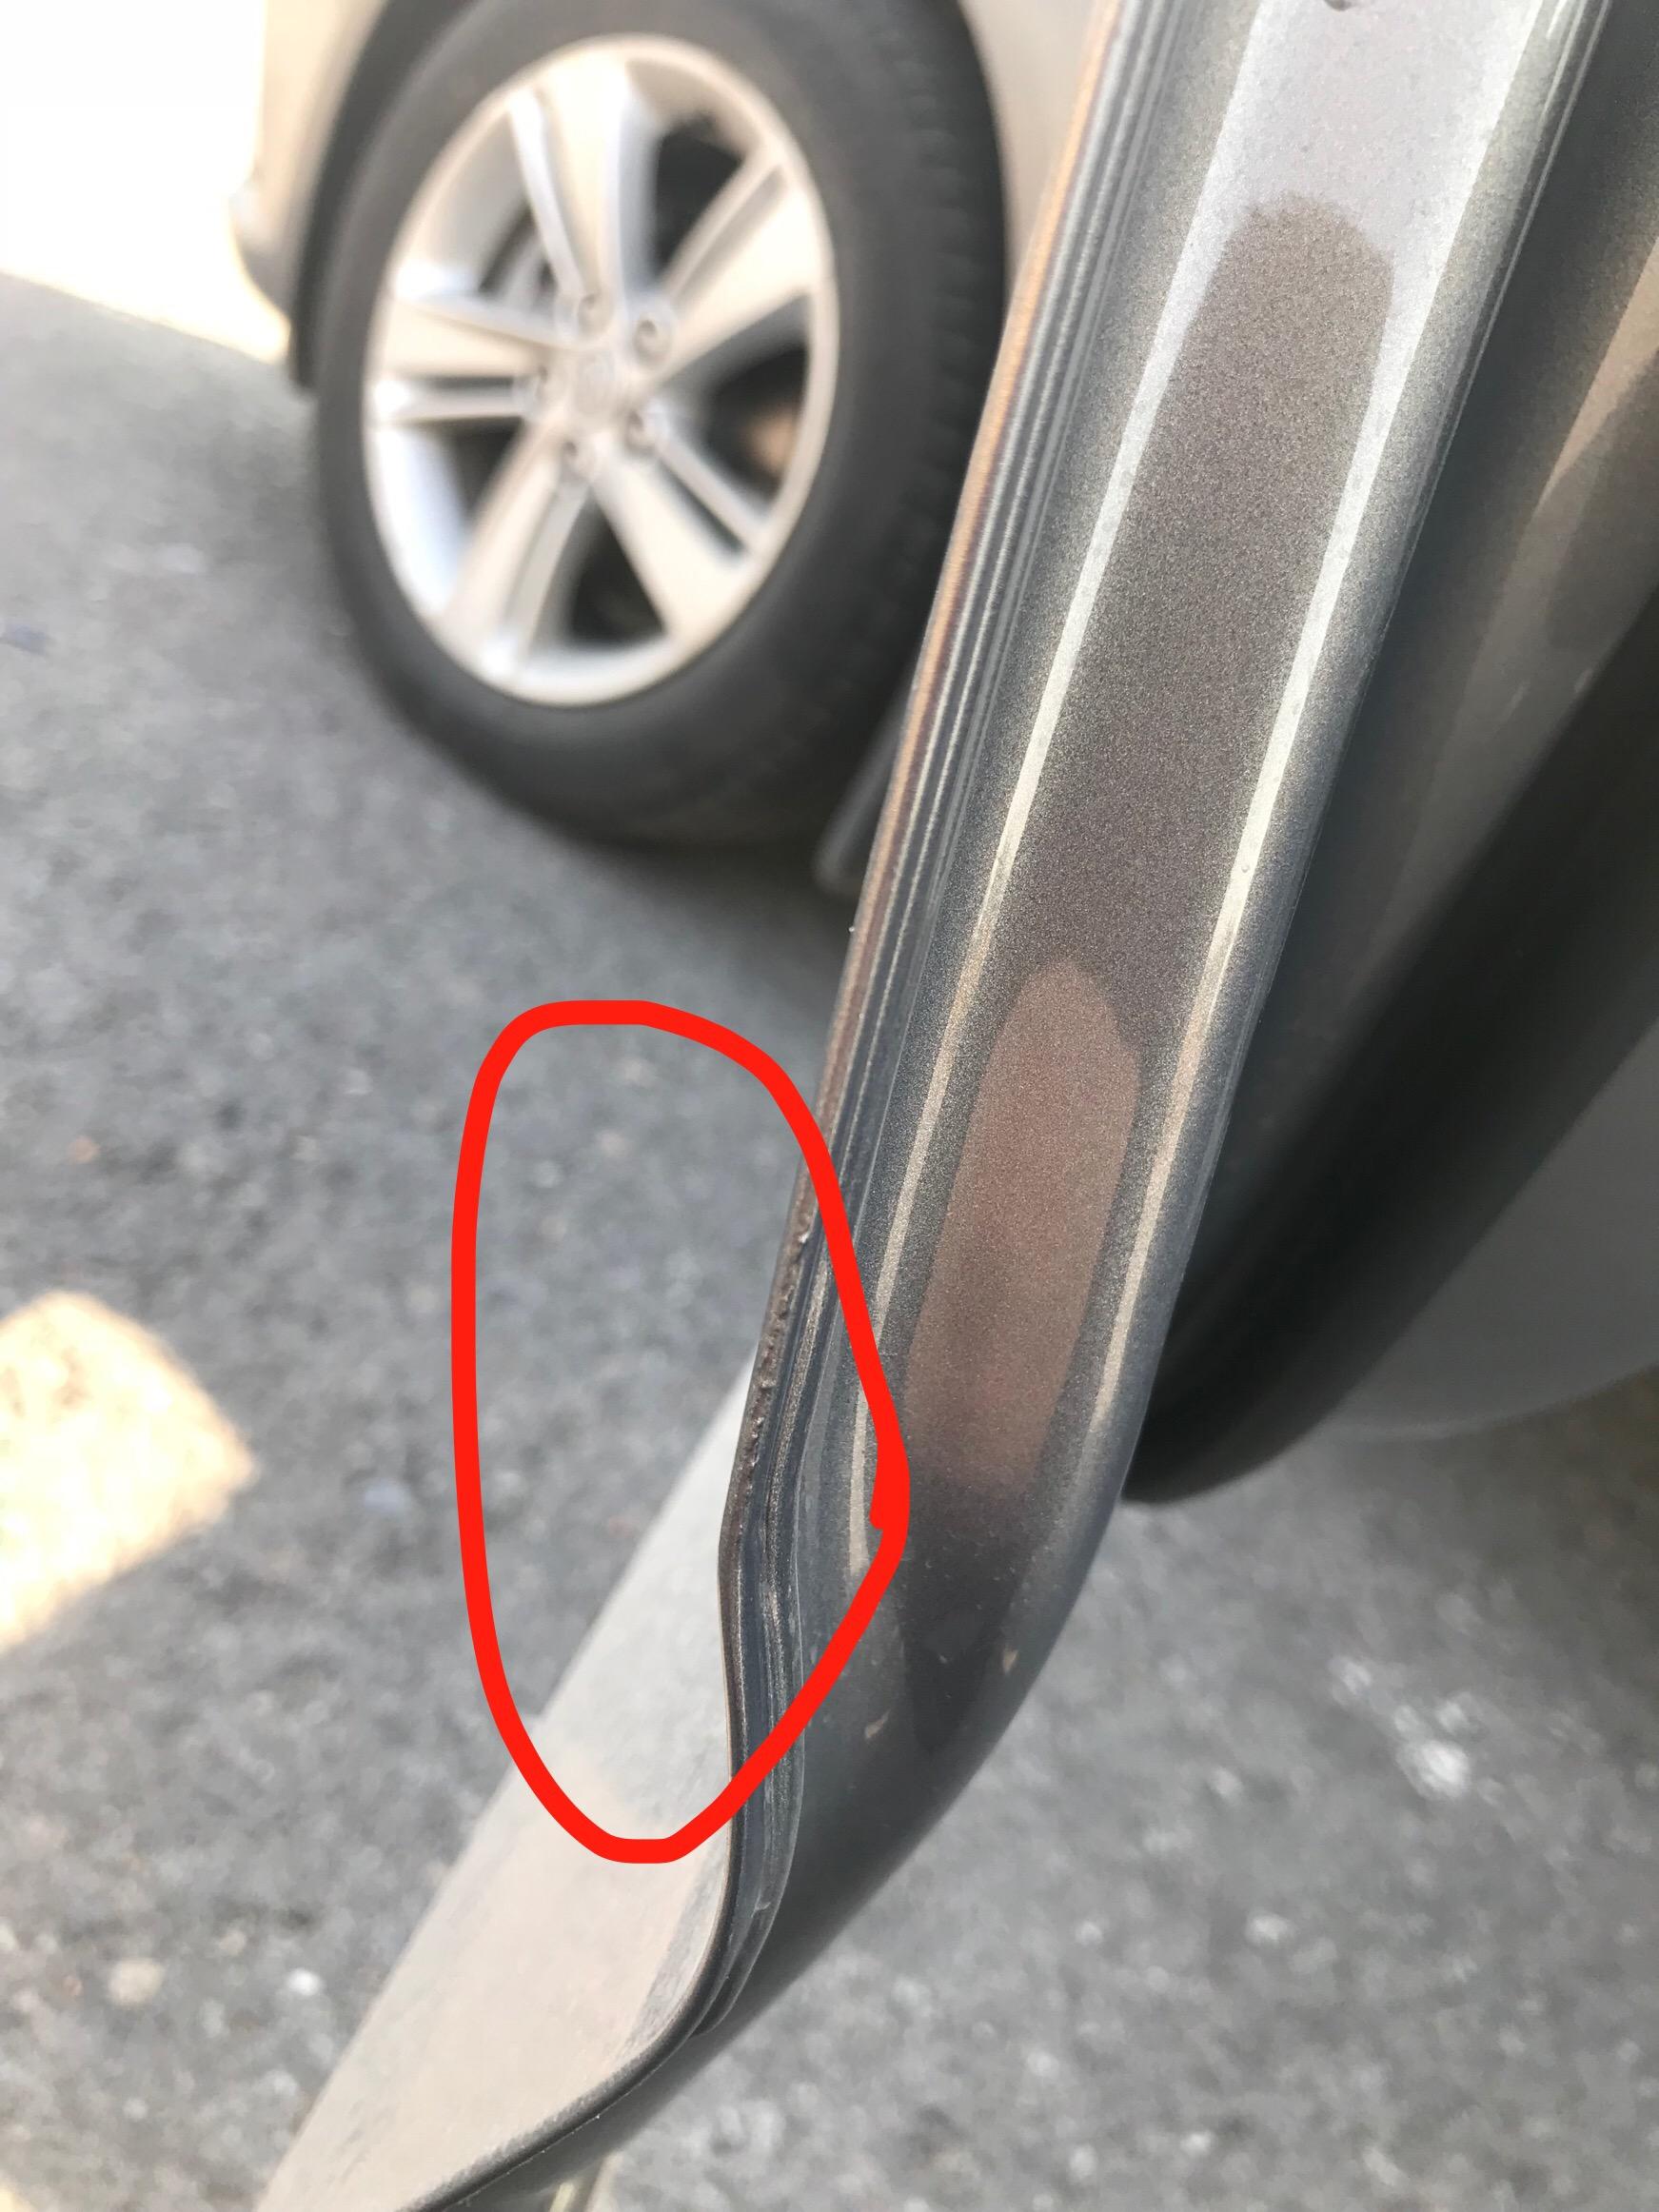 上汽通用-君威 新车车门边缘出现补漆粗糙等现象